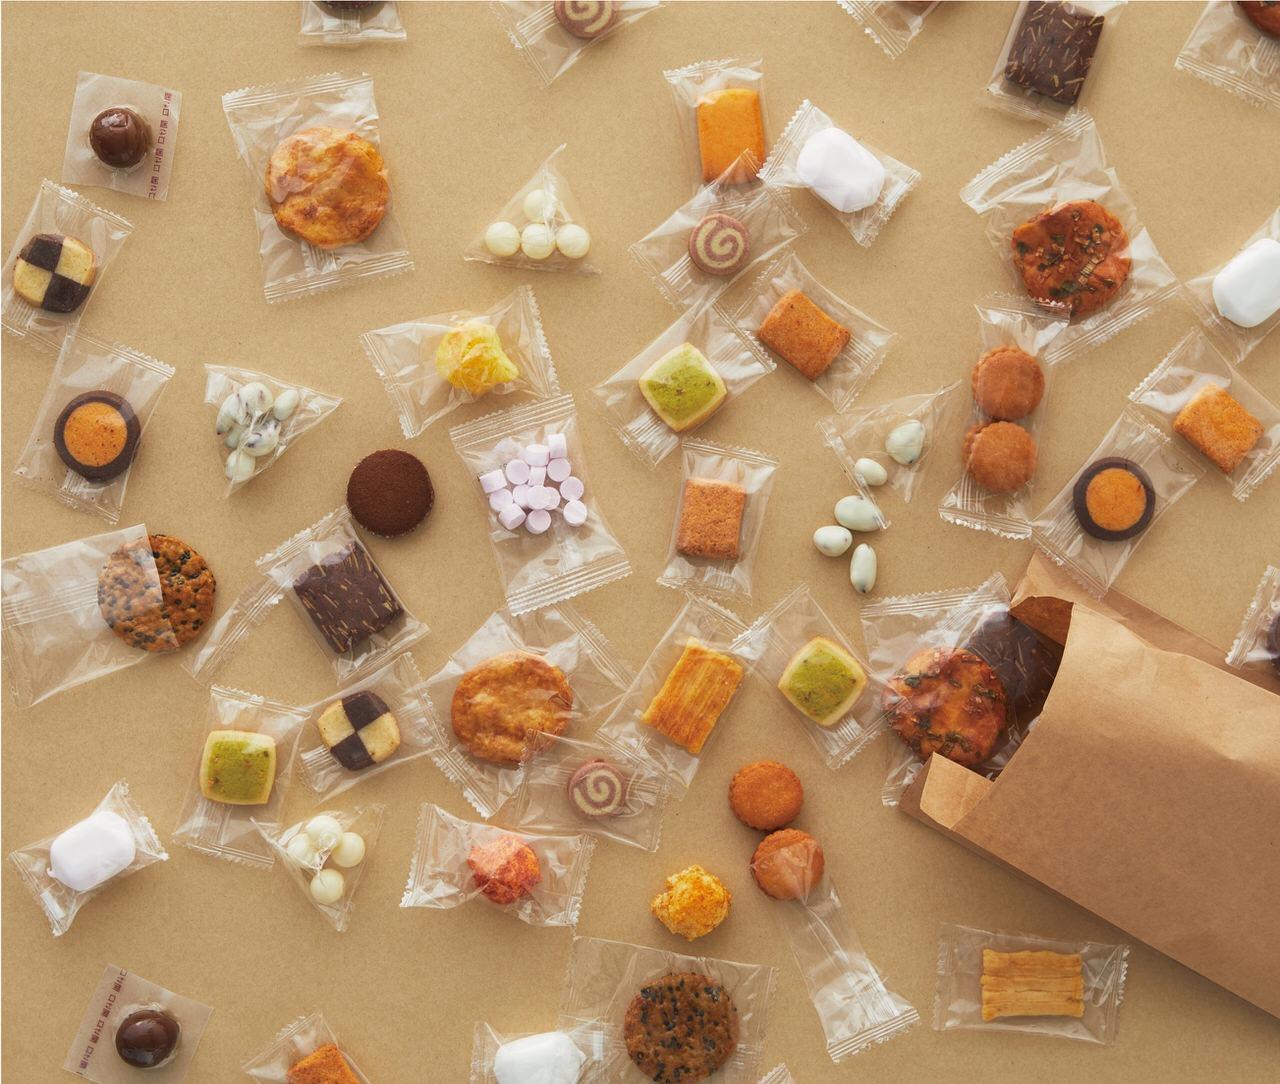 【無印良品】28種類のお菓子の量り売りを9月16日より開始